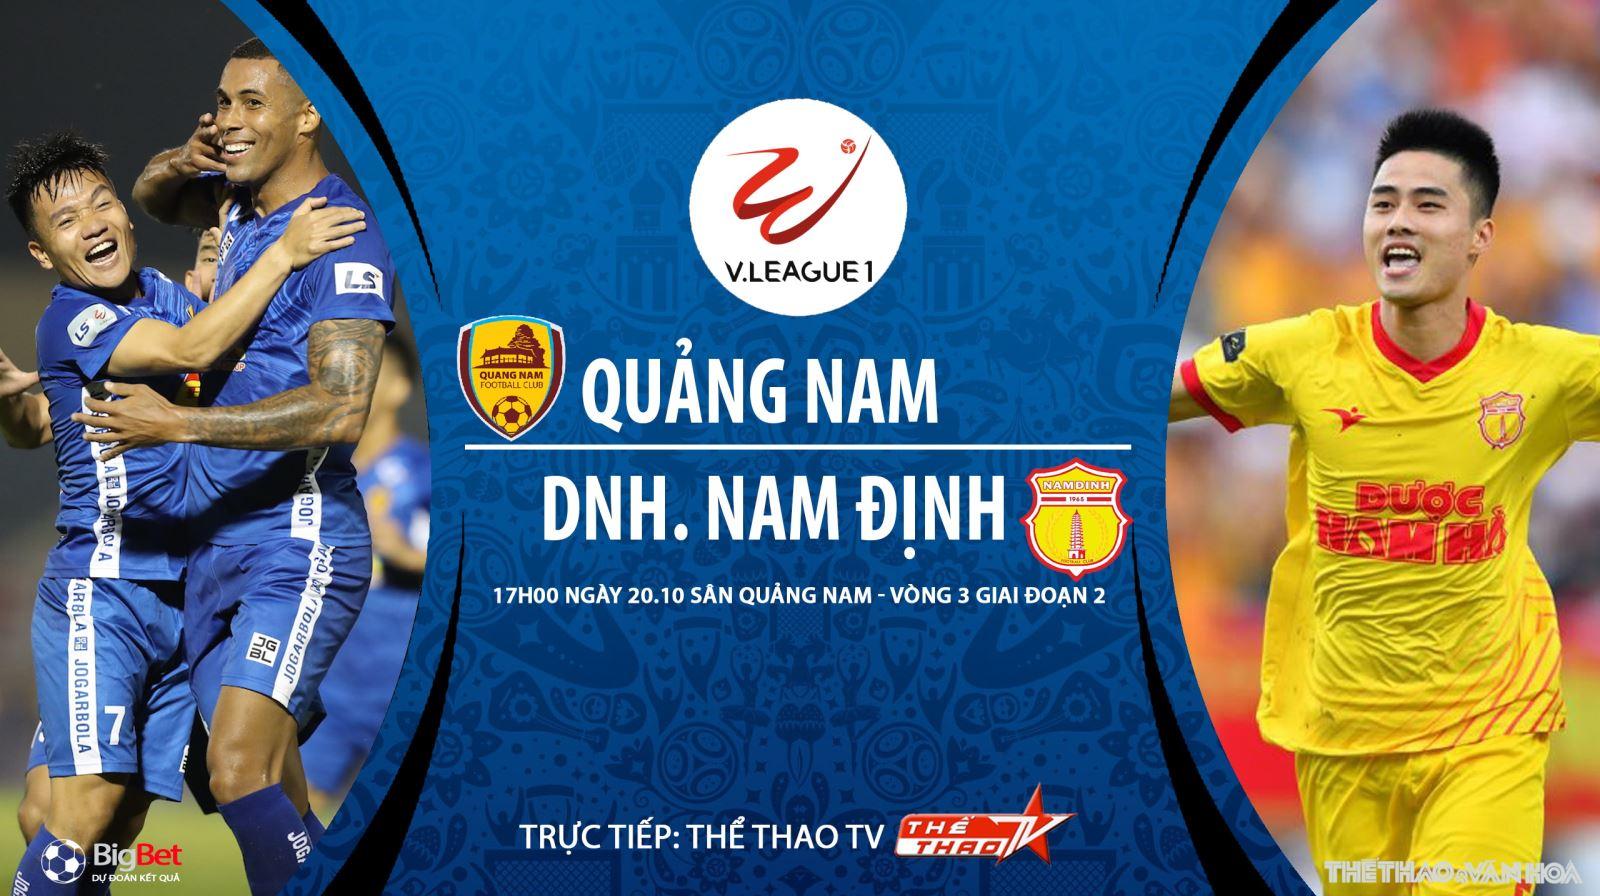 Soi kèo nhà cái. Quảng Nam vs Nam Định. Trực tiếp bóng đá Việt Nam 2020